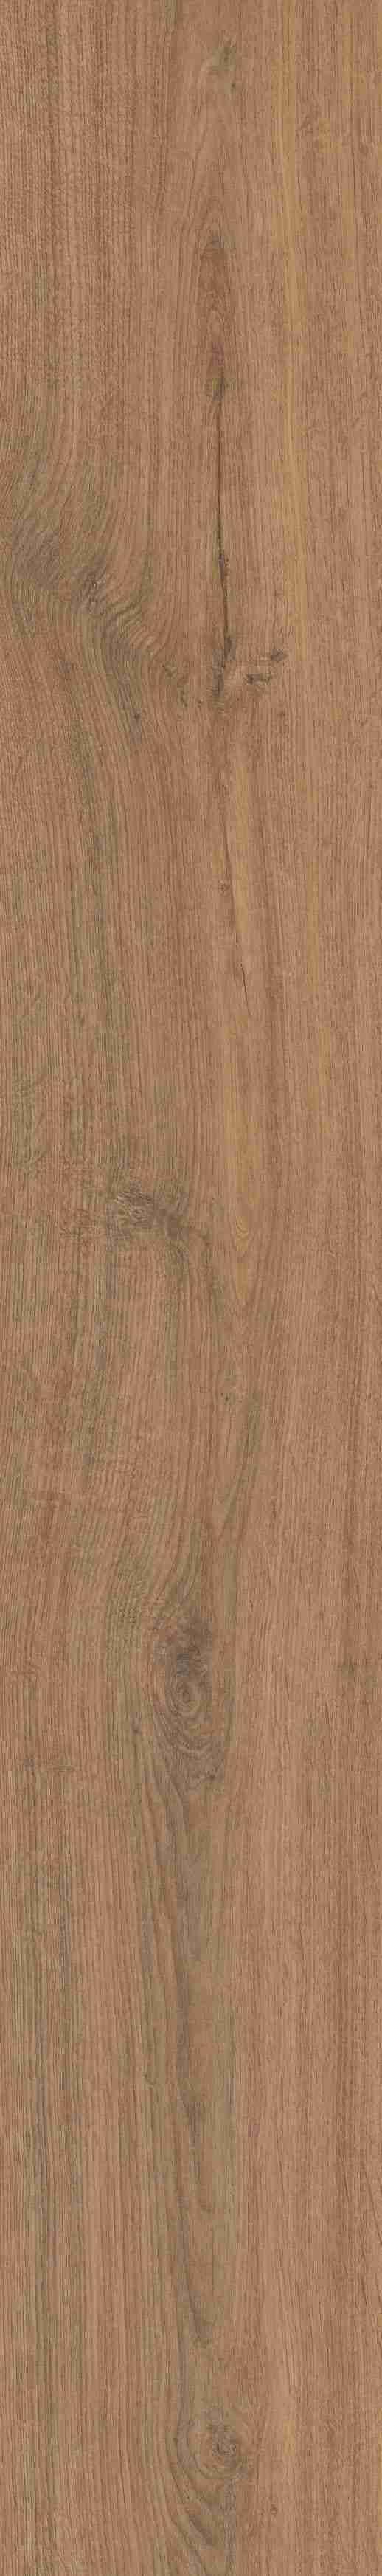 Tilburg oak vision 2